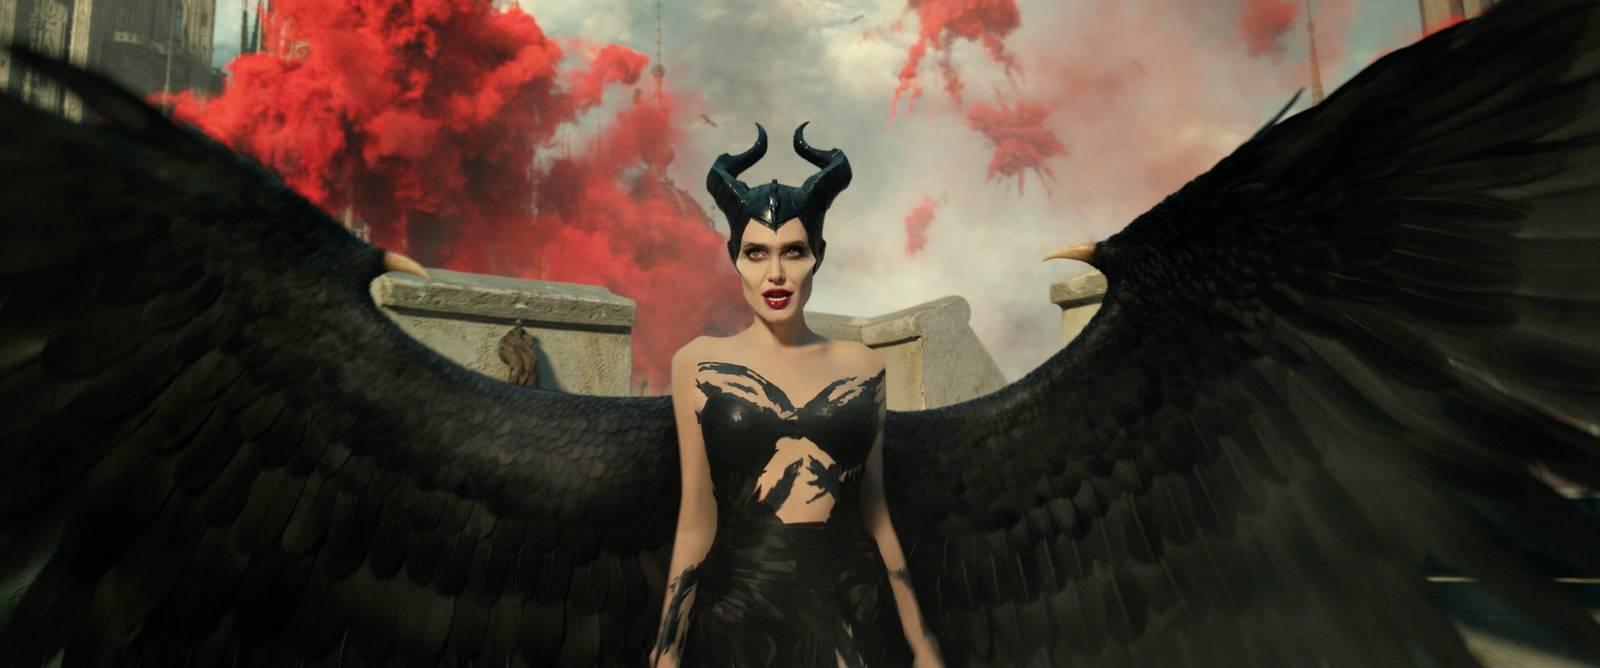 Film Vládkyňa zla 2 (2019)